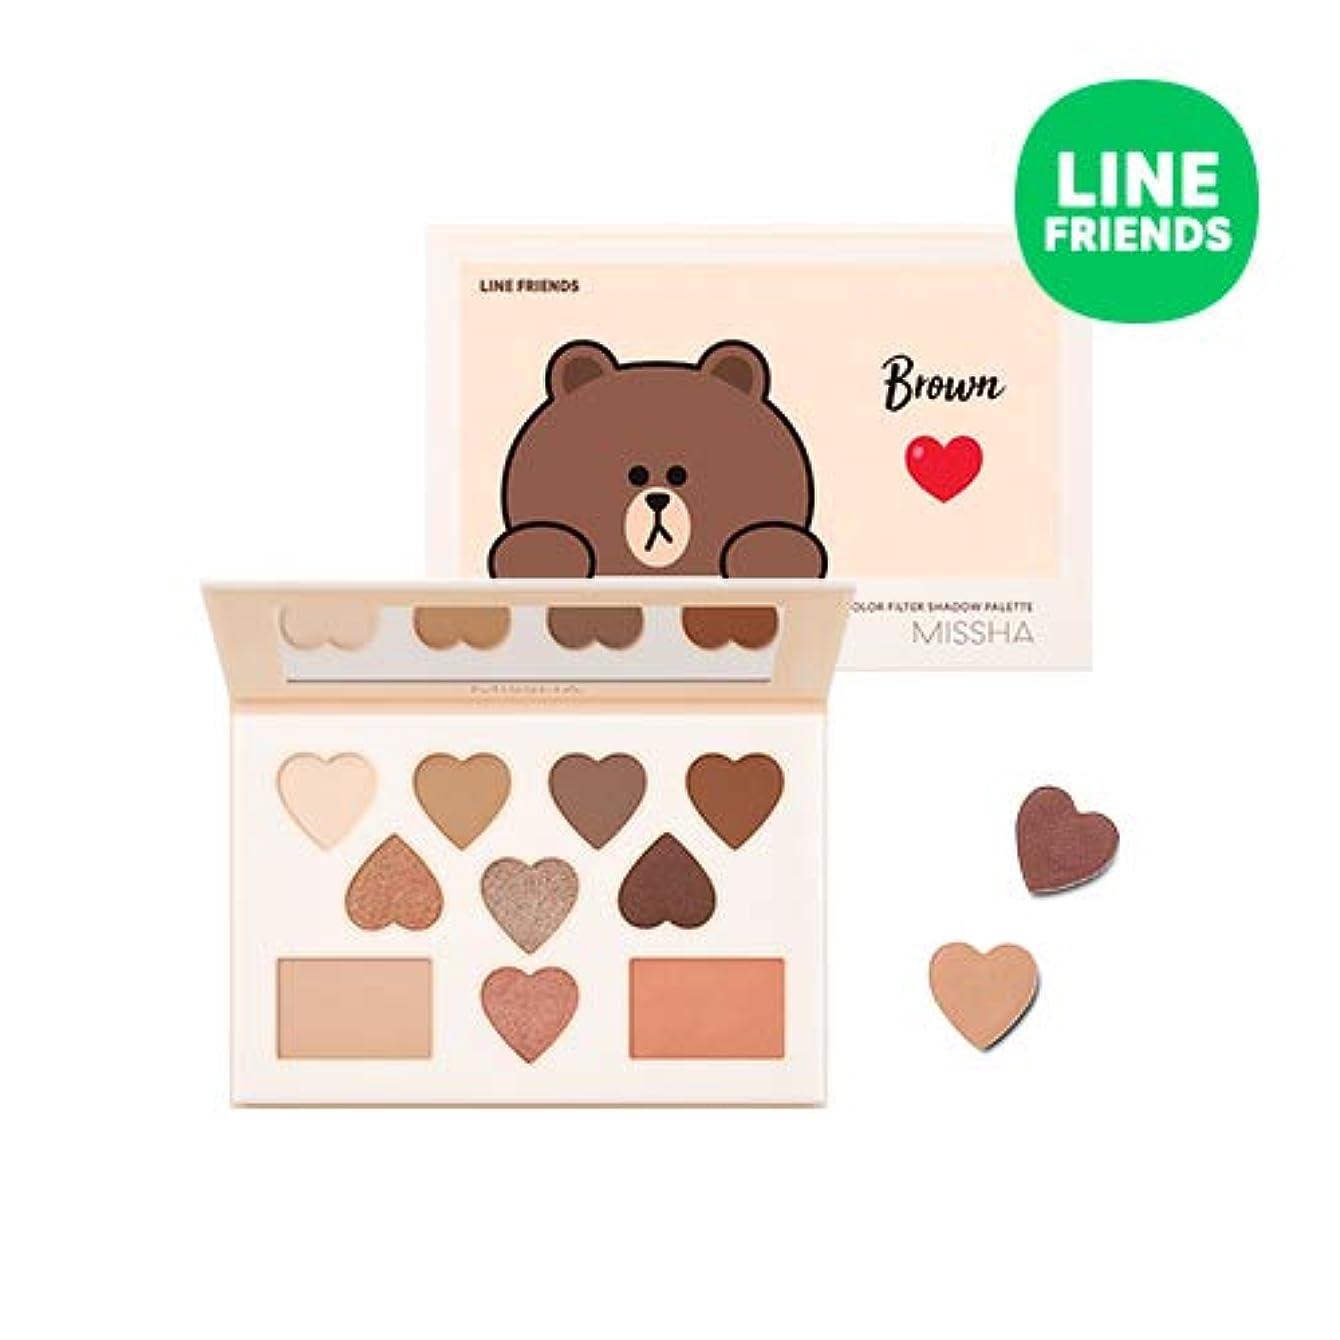 海軍極貧リアルミシャ[ラインフレンズエディション] カラー フィルター シャドウ パレット MISSHA [Line Friends Edition] Color Filter Shadow Palette #5. Brown [並行輸入品]